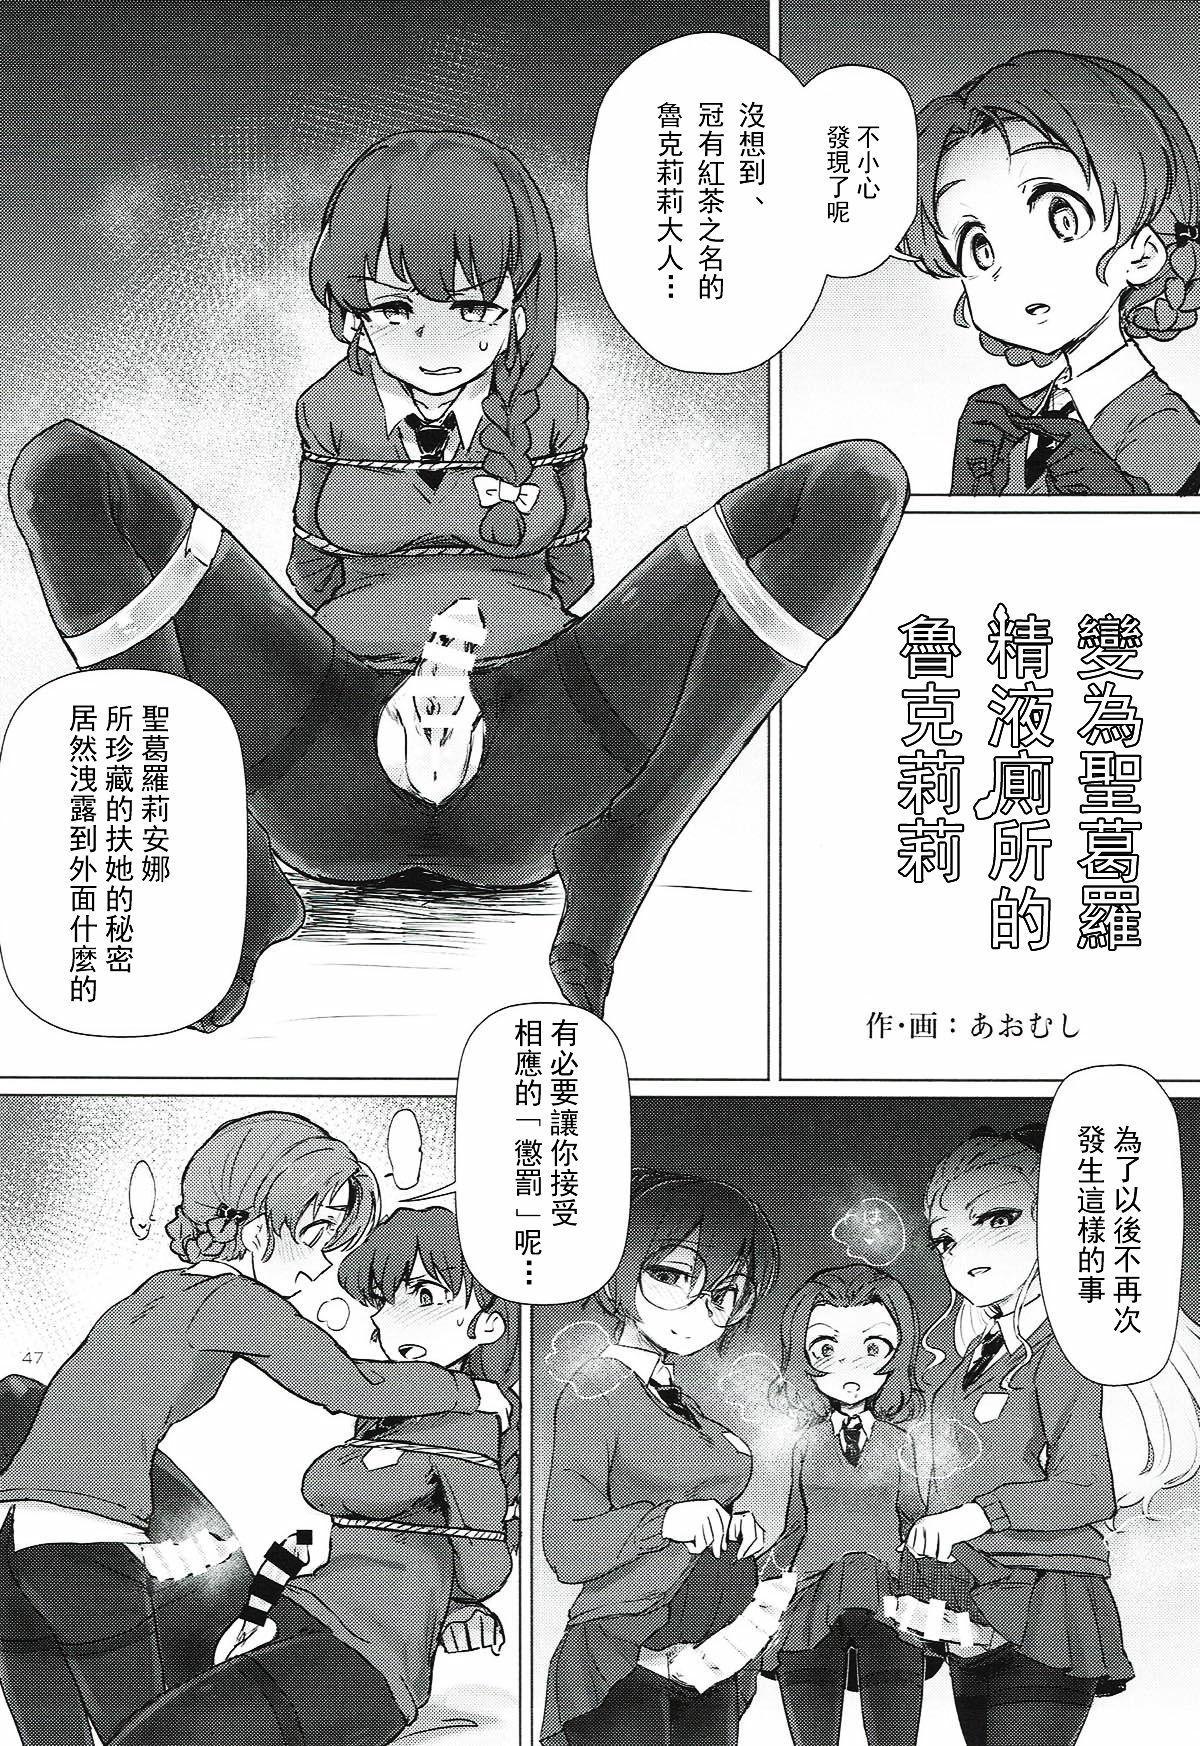 seiguro no seieki benjo to kashita rukuriri-san 丨變為聖葛羅精液廁所的魯克莉莉 1